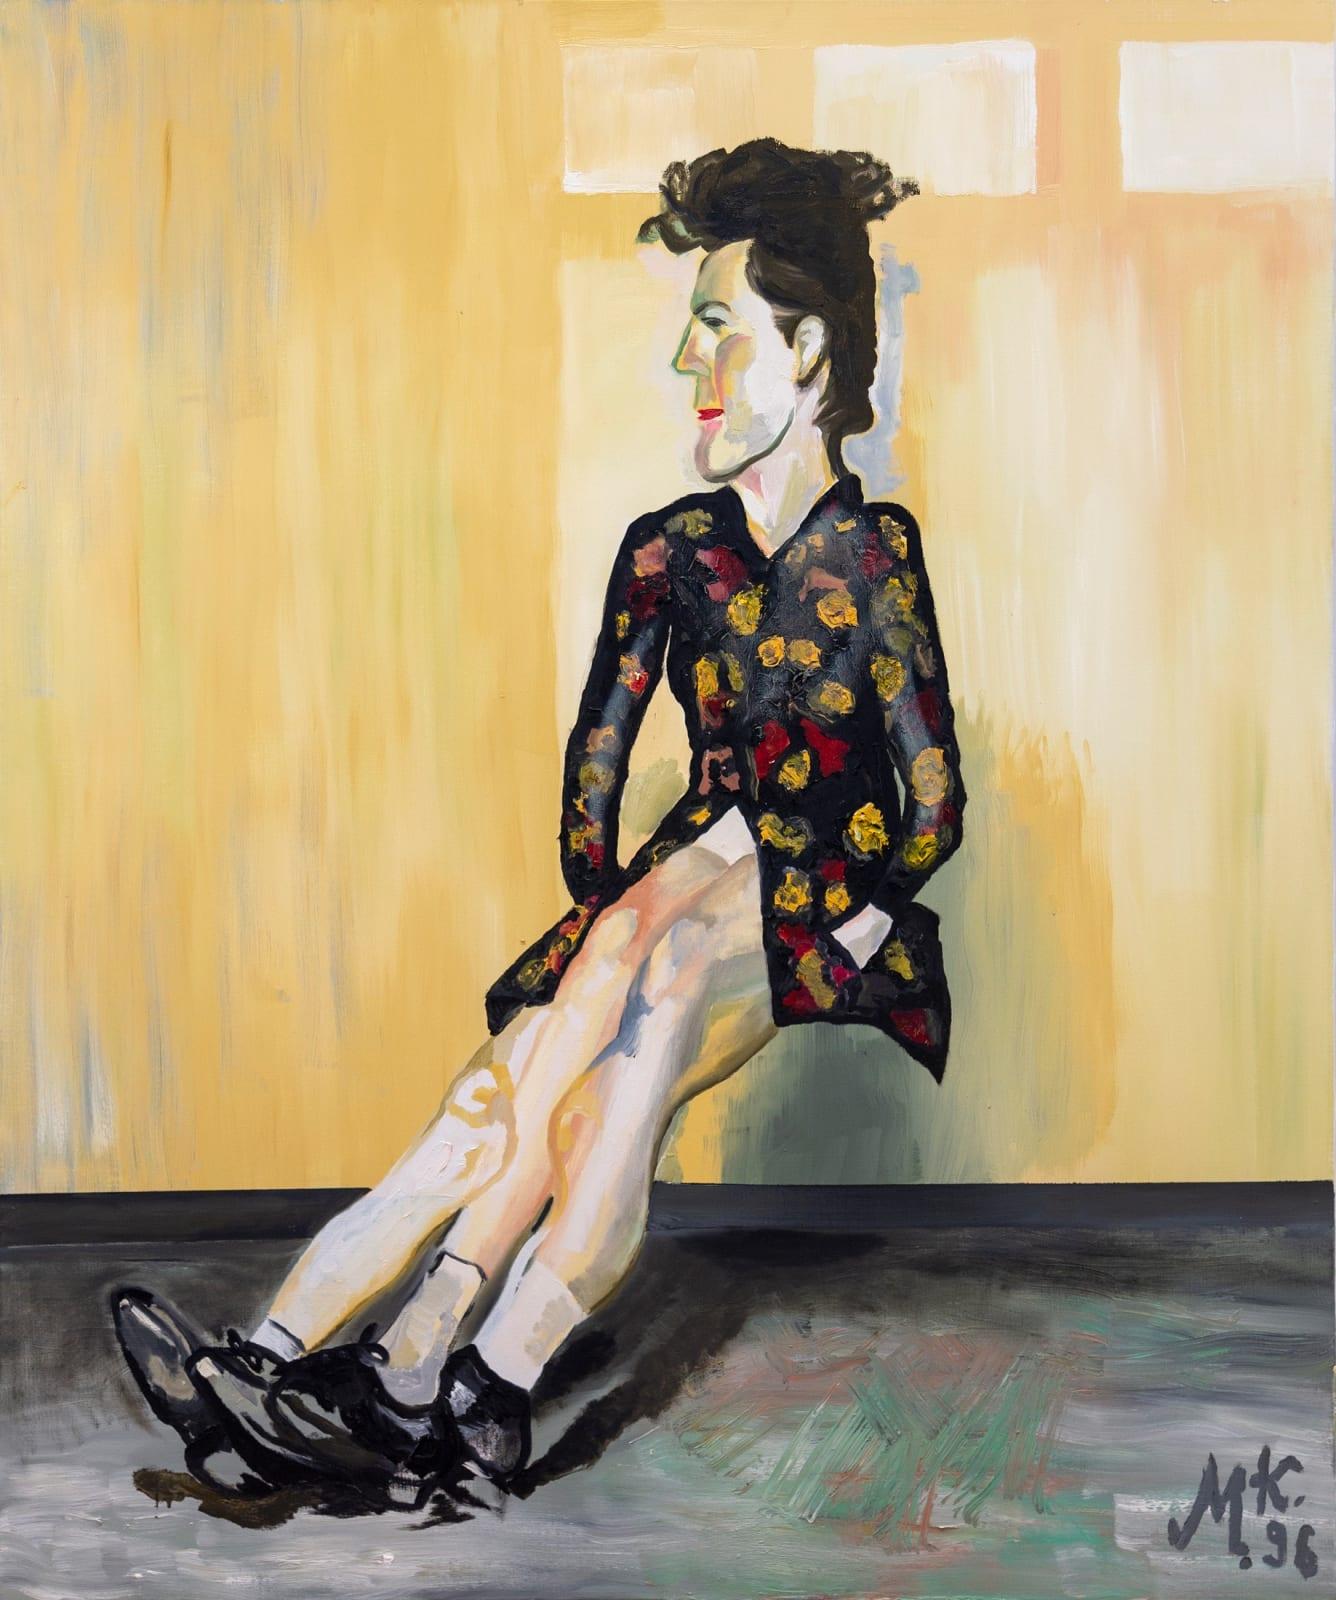 Martin Kippenberger Ohne titel Aus der Serie 'Window Shopping bis 2 Uhr nachts' 1996 oil on canvas 70.87 x 59.06 inches 180 x 150 cm